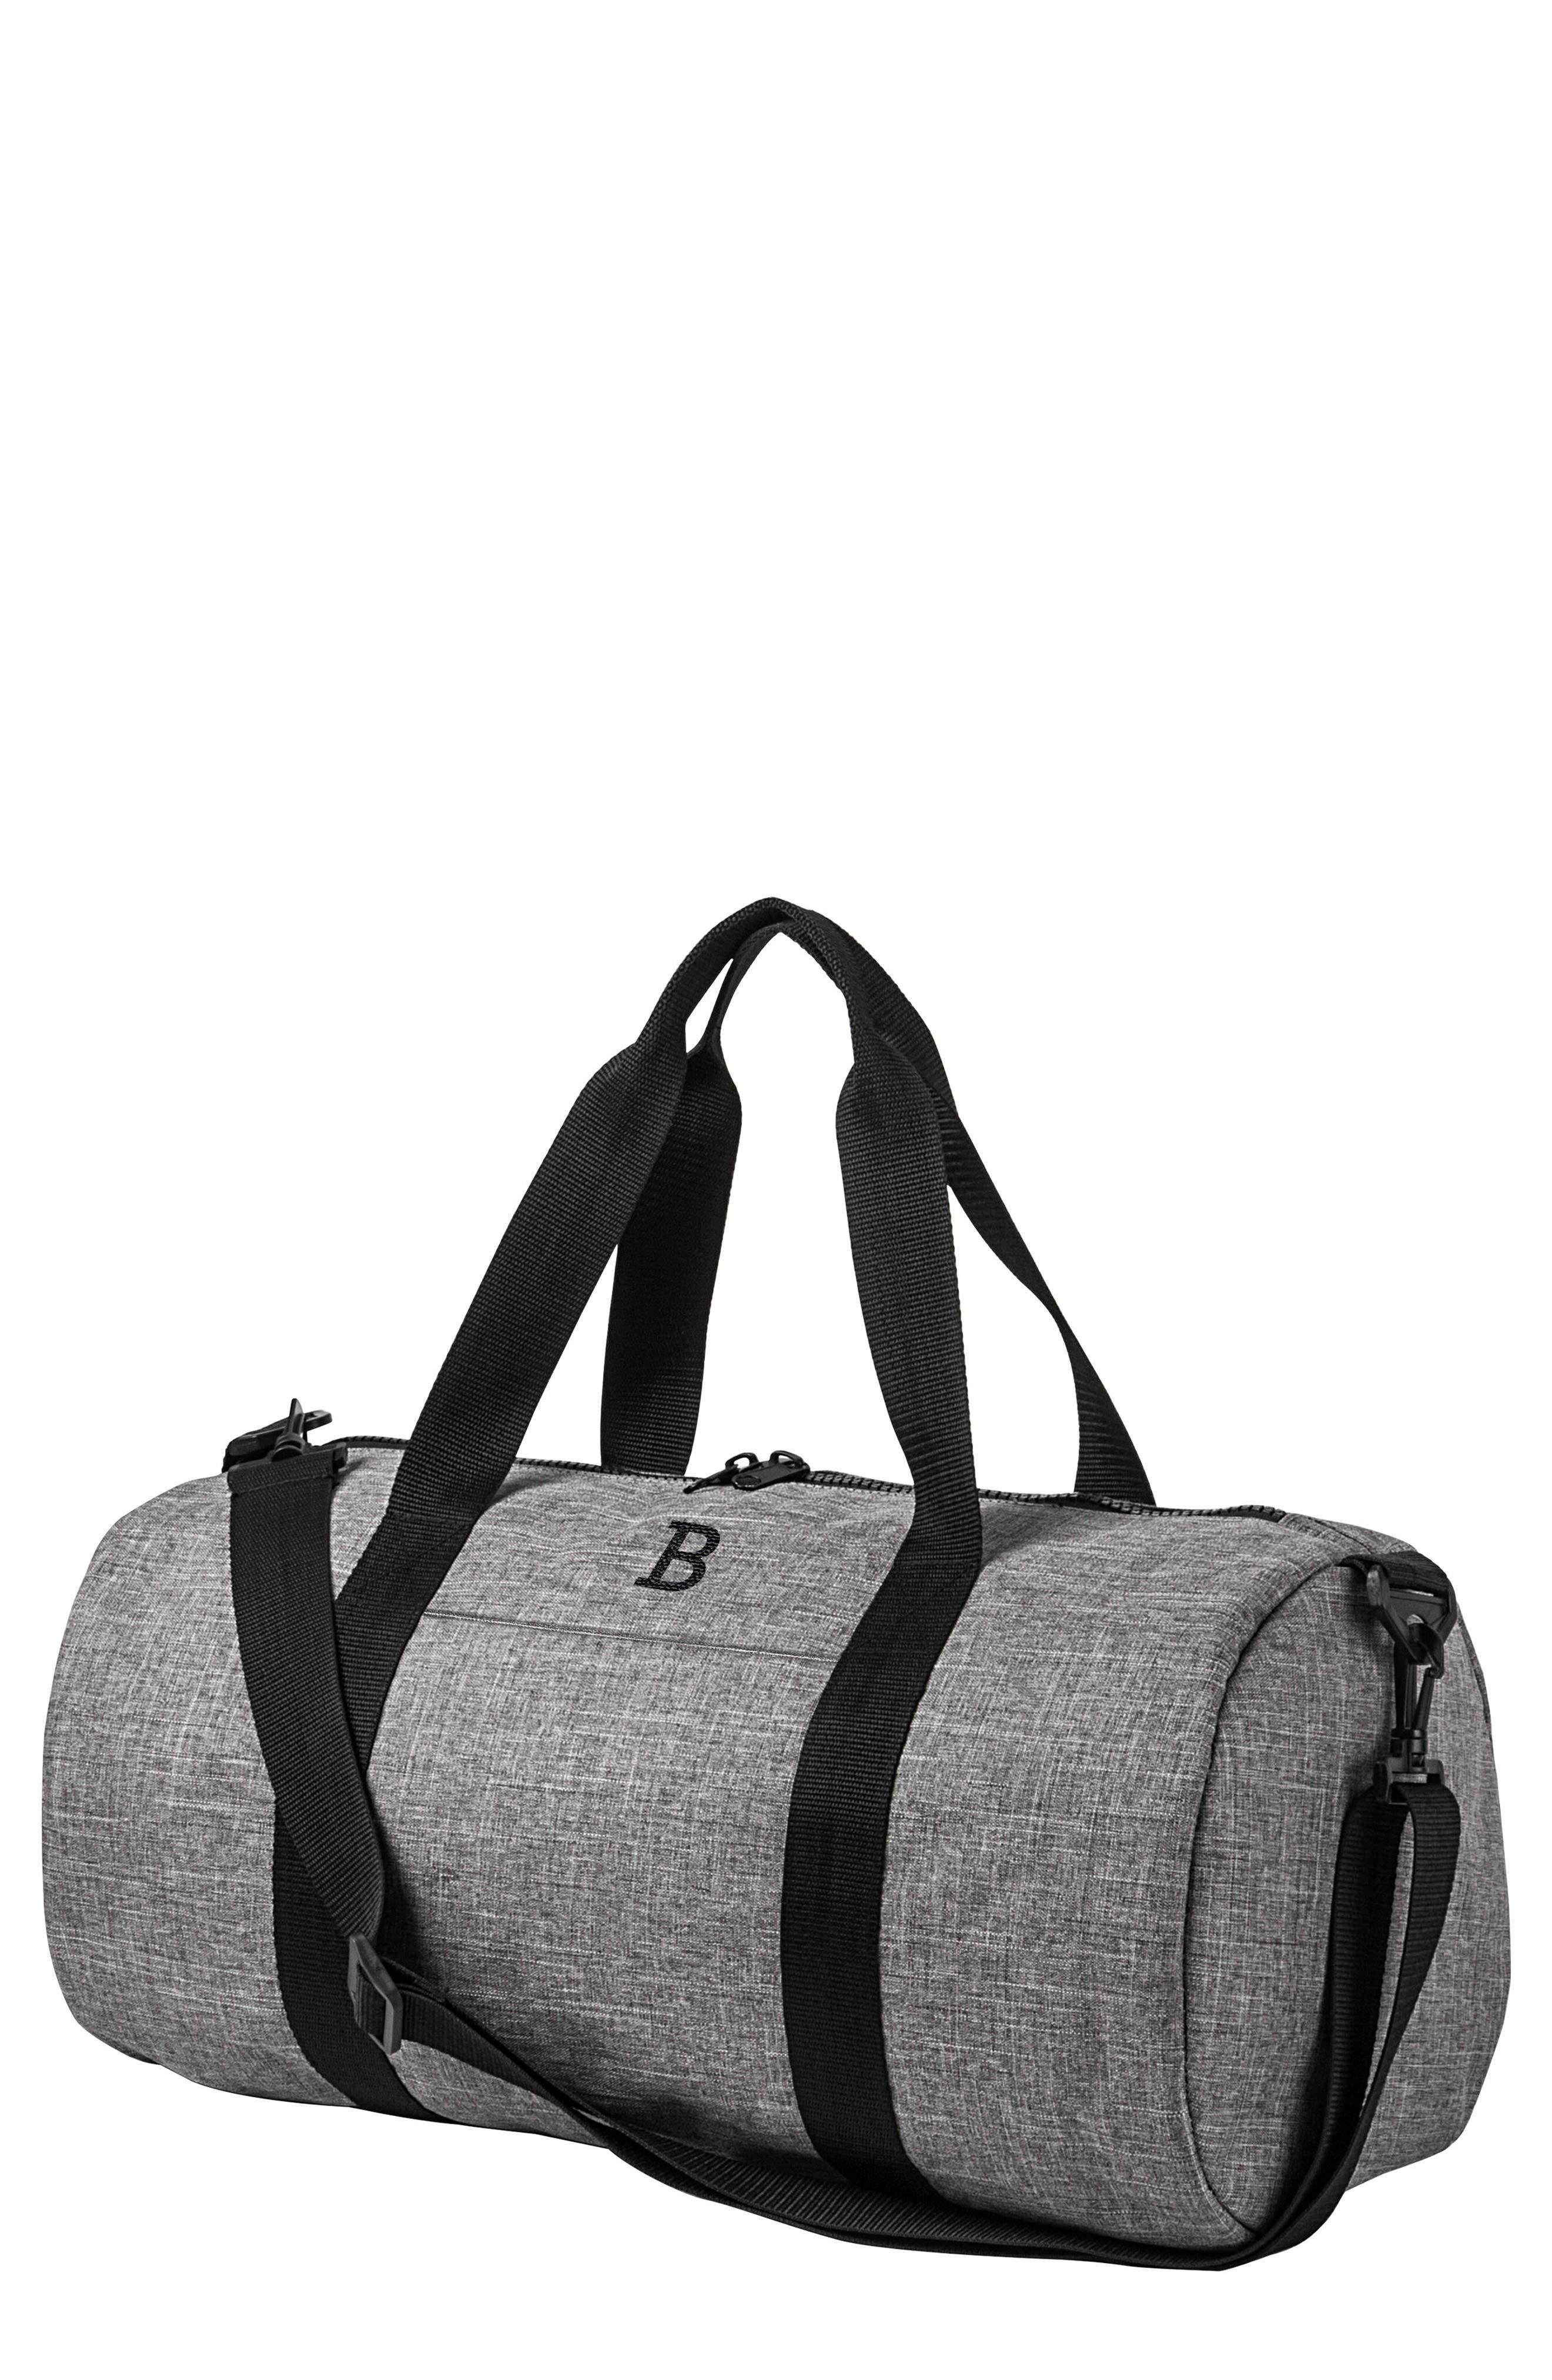 Monogram Duffel Bag,                         Main,                         color, Grey B